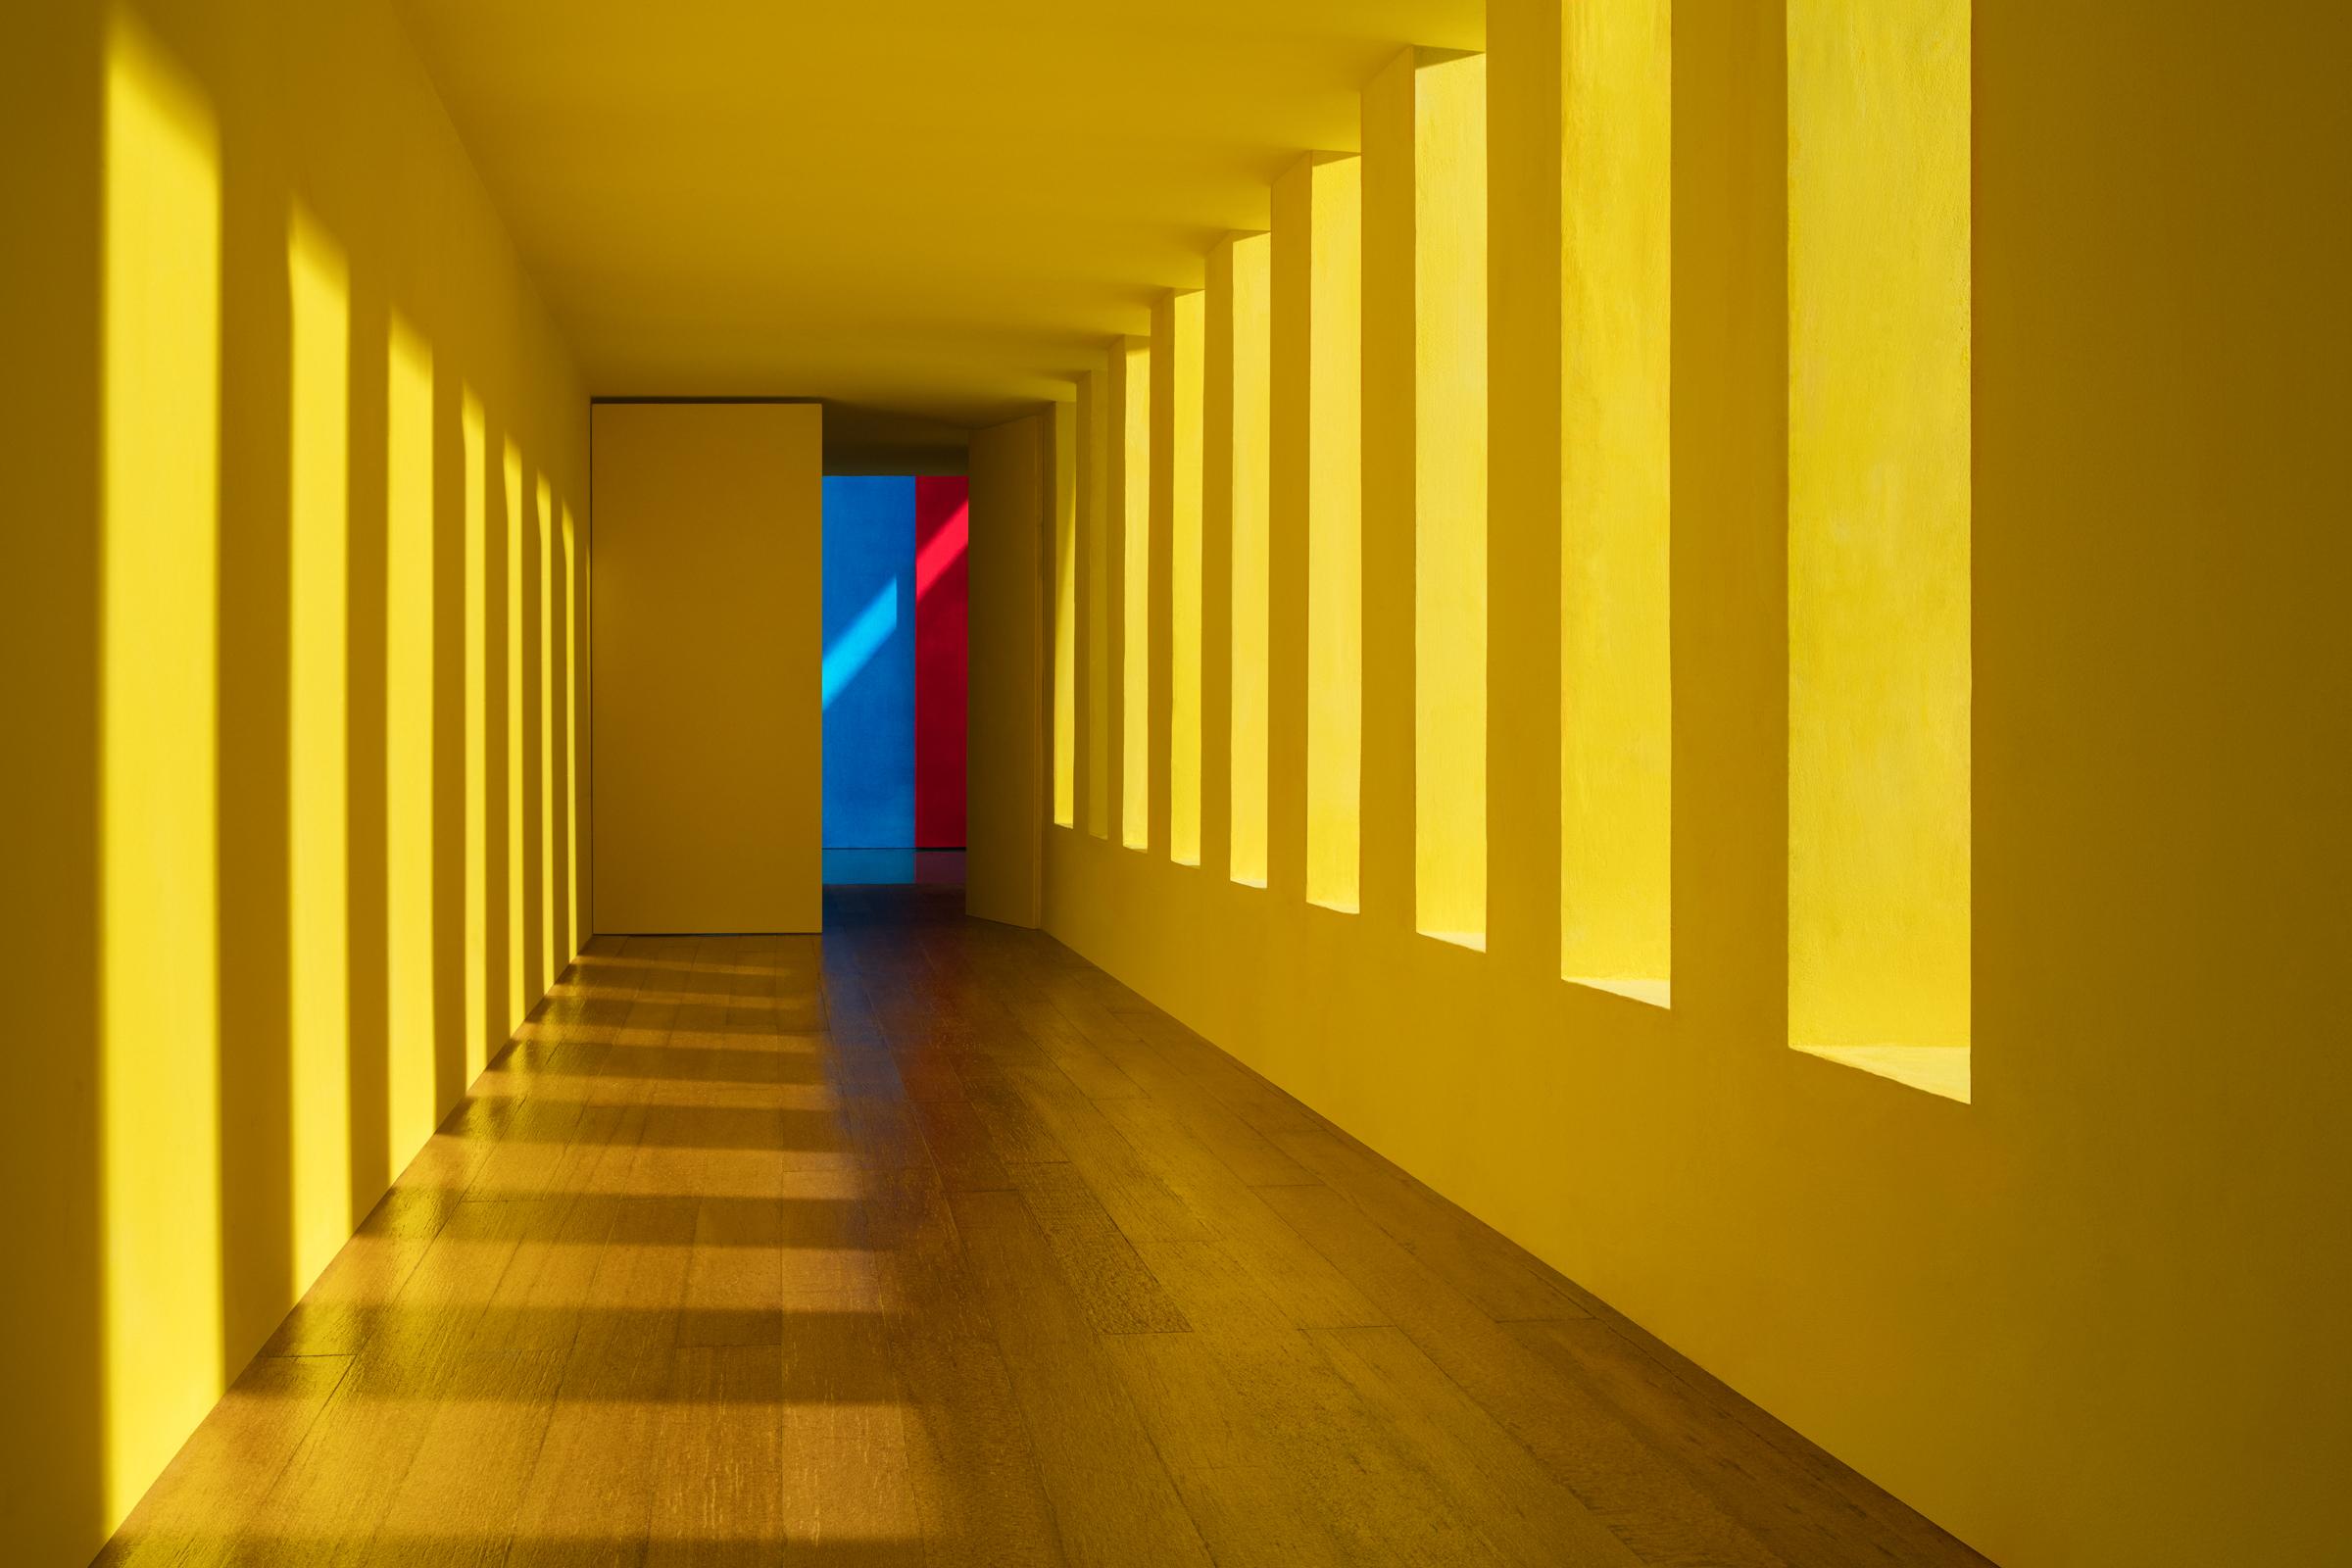 Yellow Passage, 2017